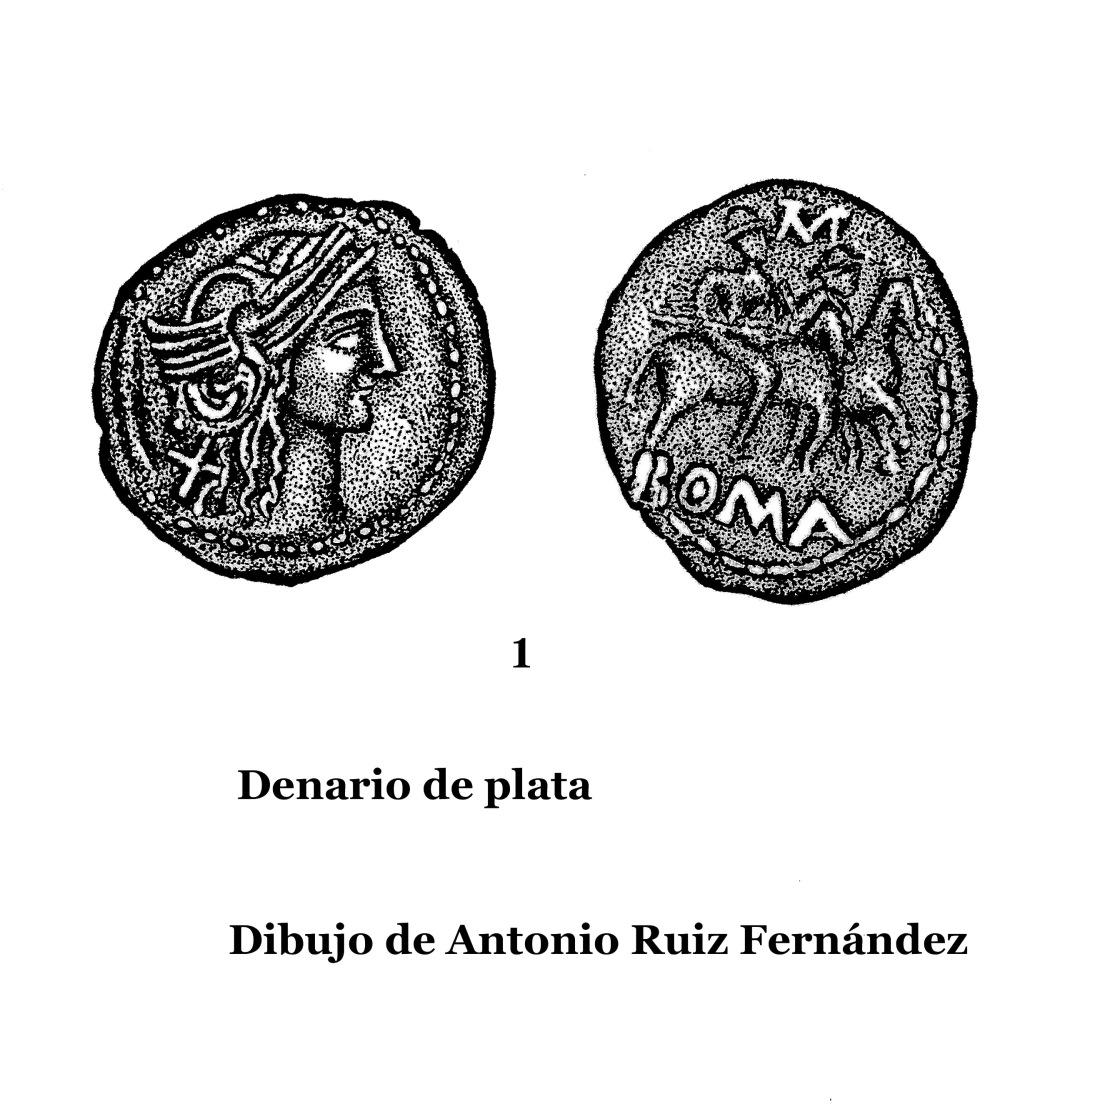 1Dibujos del Tesorillo de denarios 1